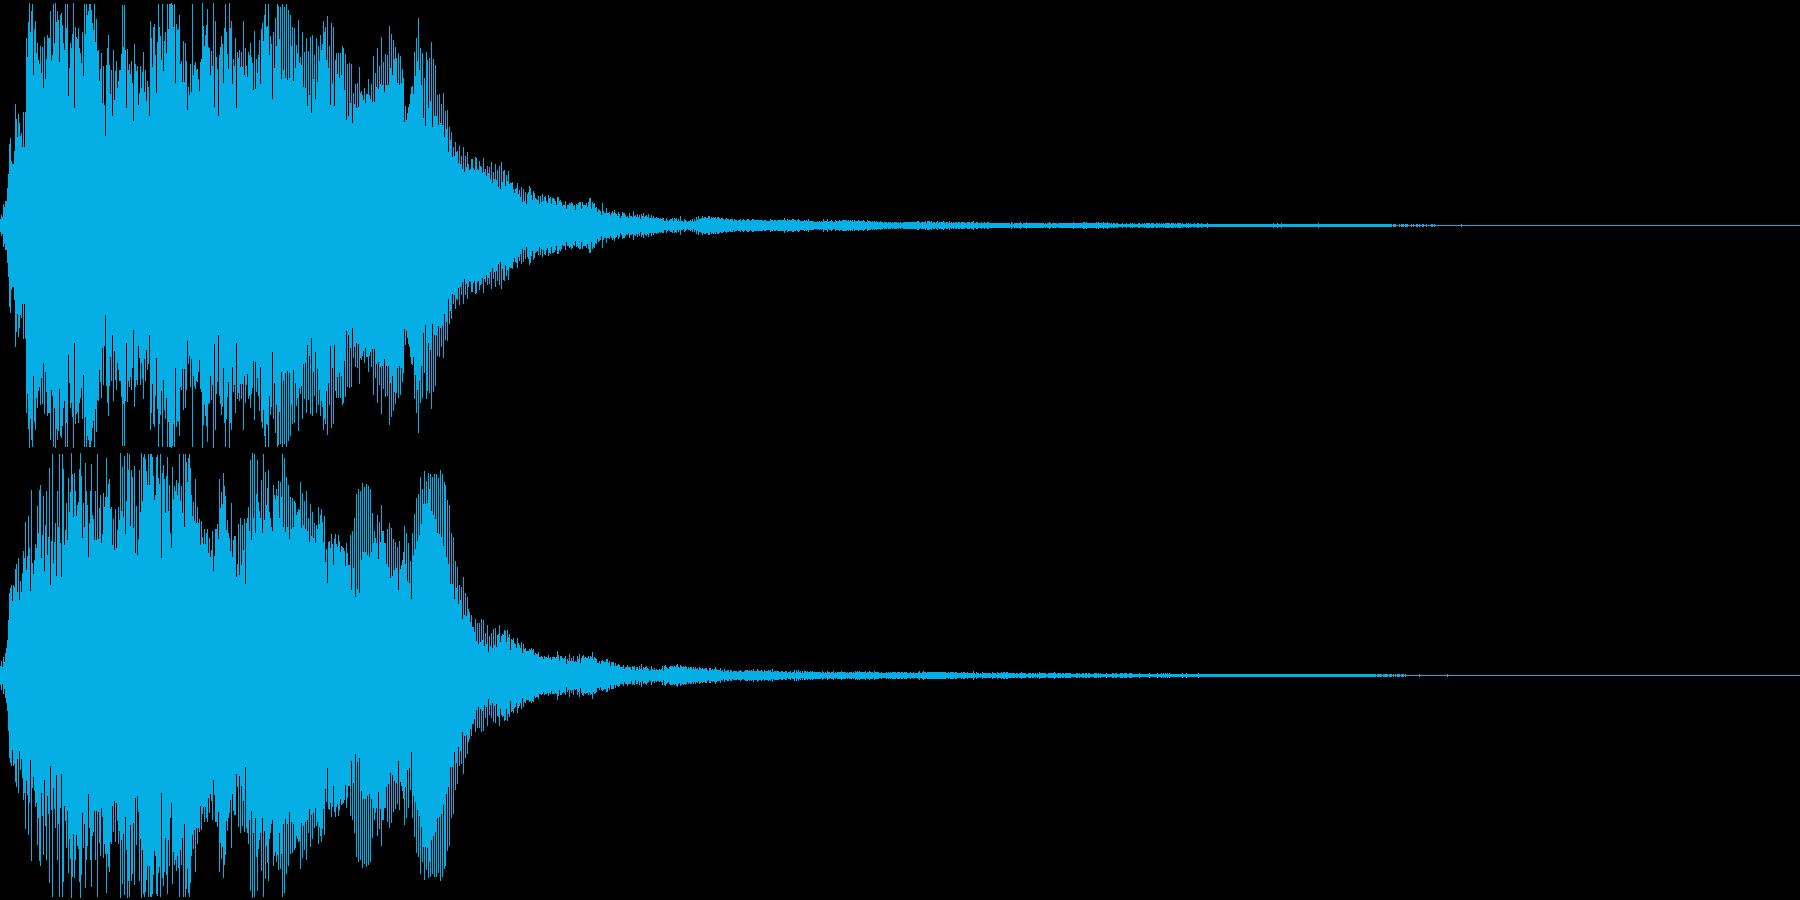 ラッパ ファンファーレ 定番 2 早いの再生済みの波形